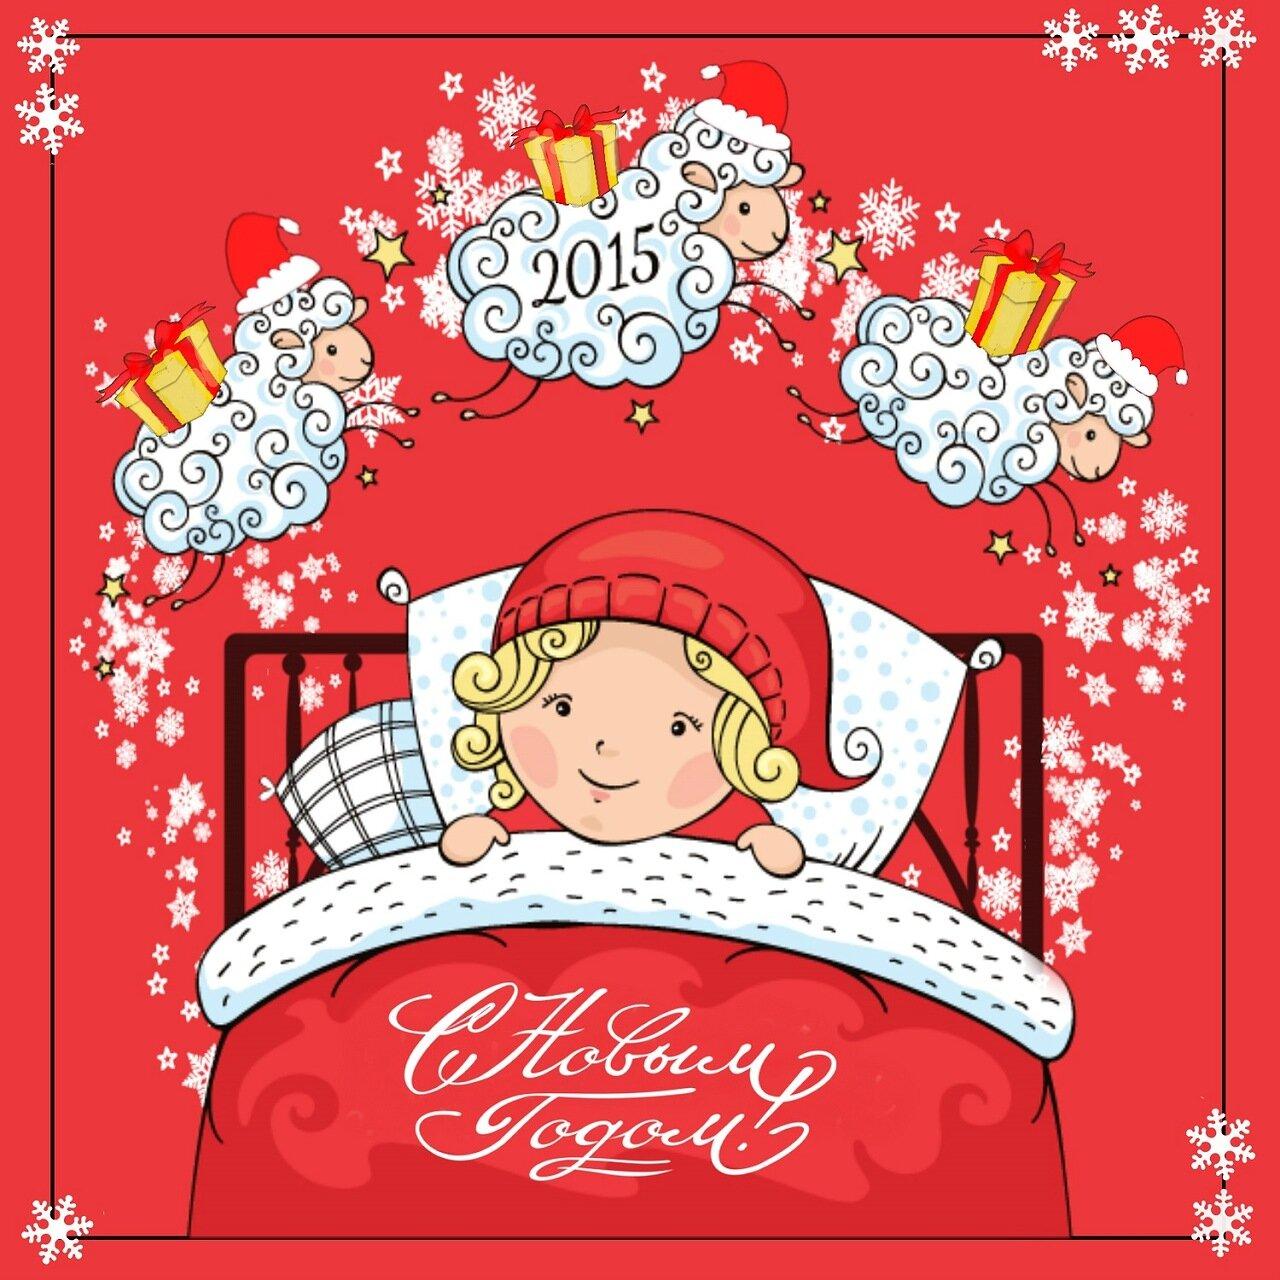 Новый год 2015 открытка, немецком